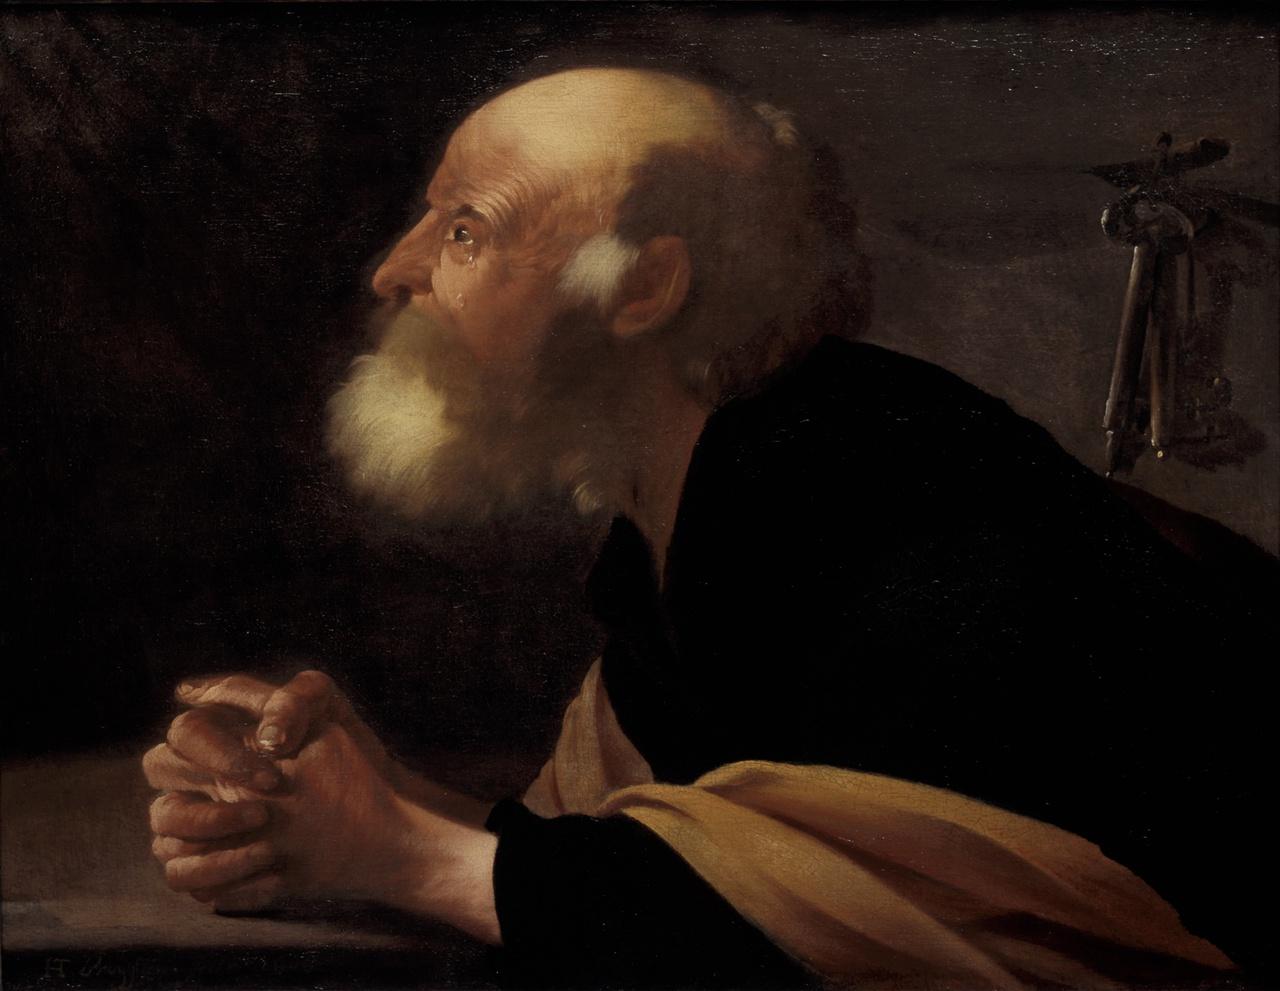 17/34 - De berouwvolle Petrus, toegeschreven aan Hendrick ter Brugghen